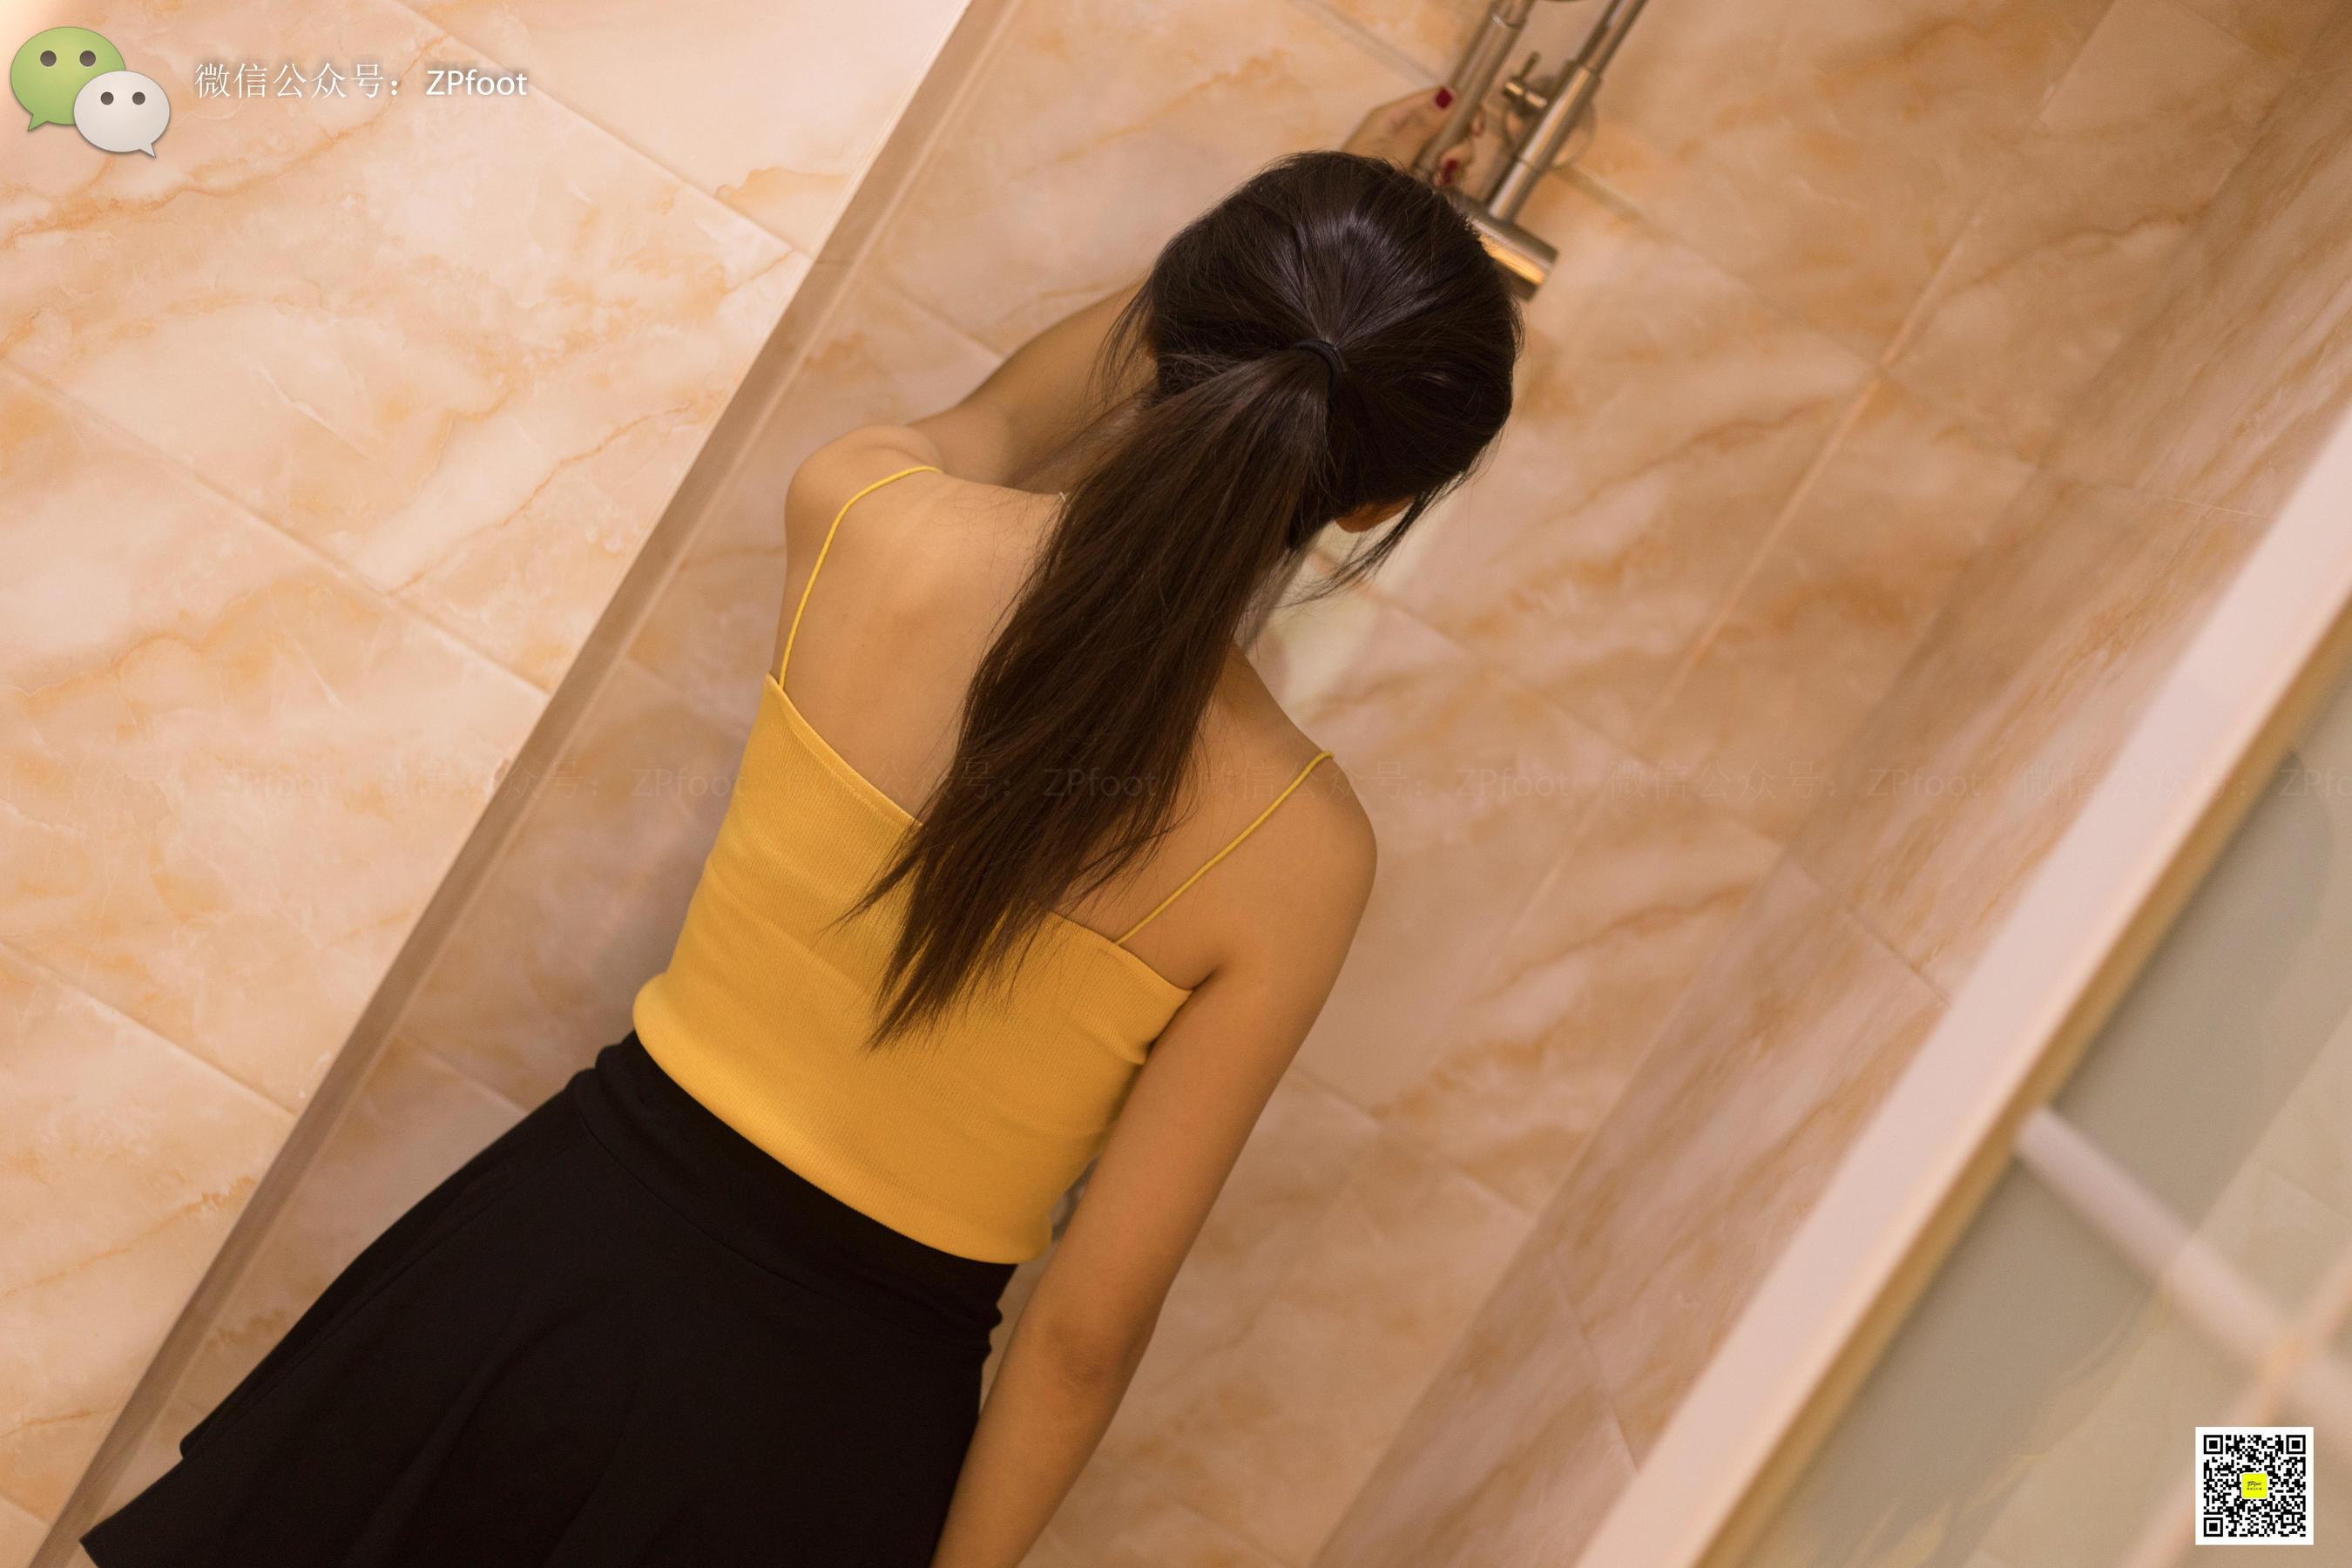 [山茶摄影LSS] NO.033  浴室.丝 写真套图[85P]-小柚妹站